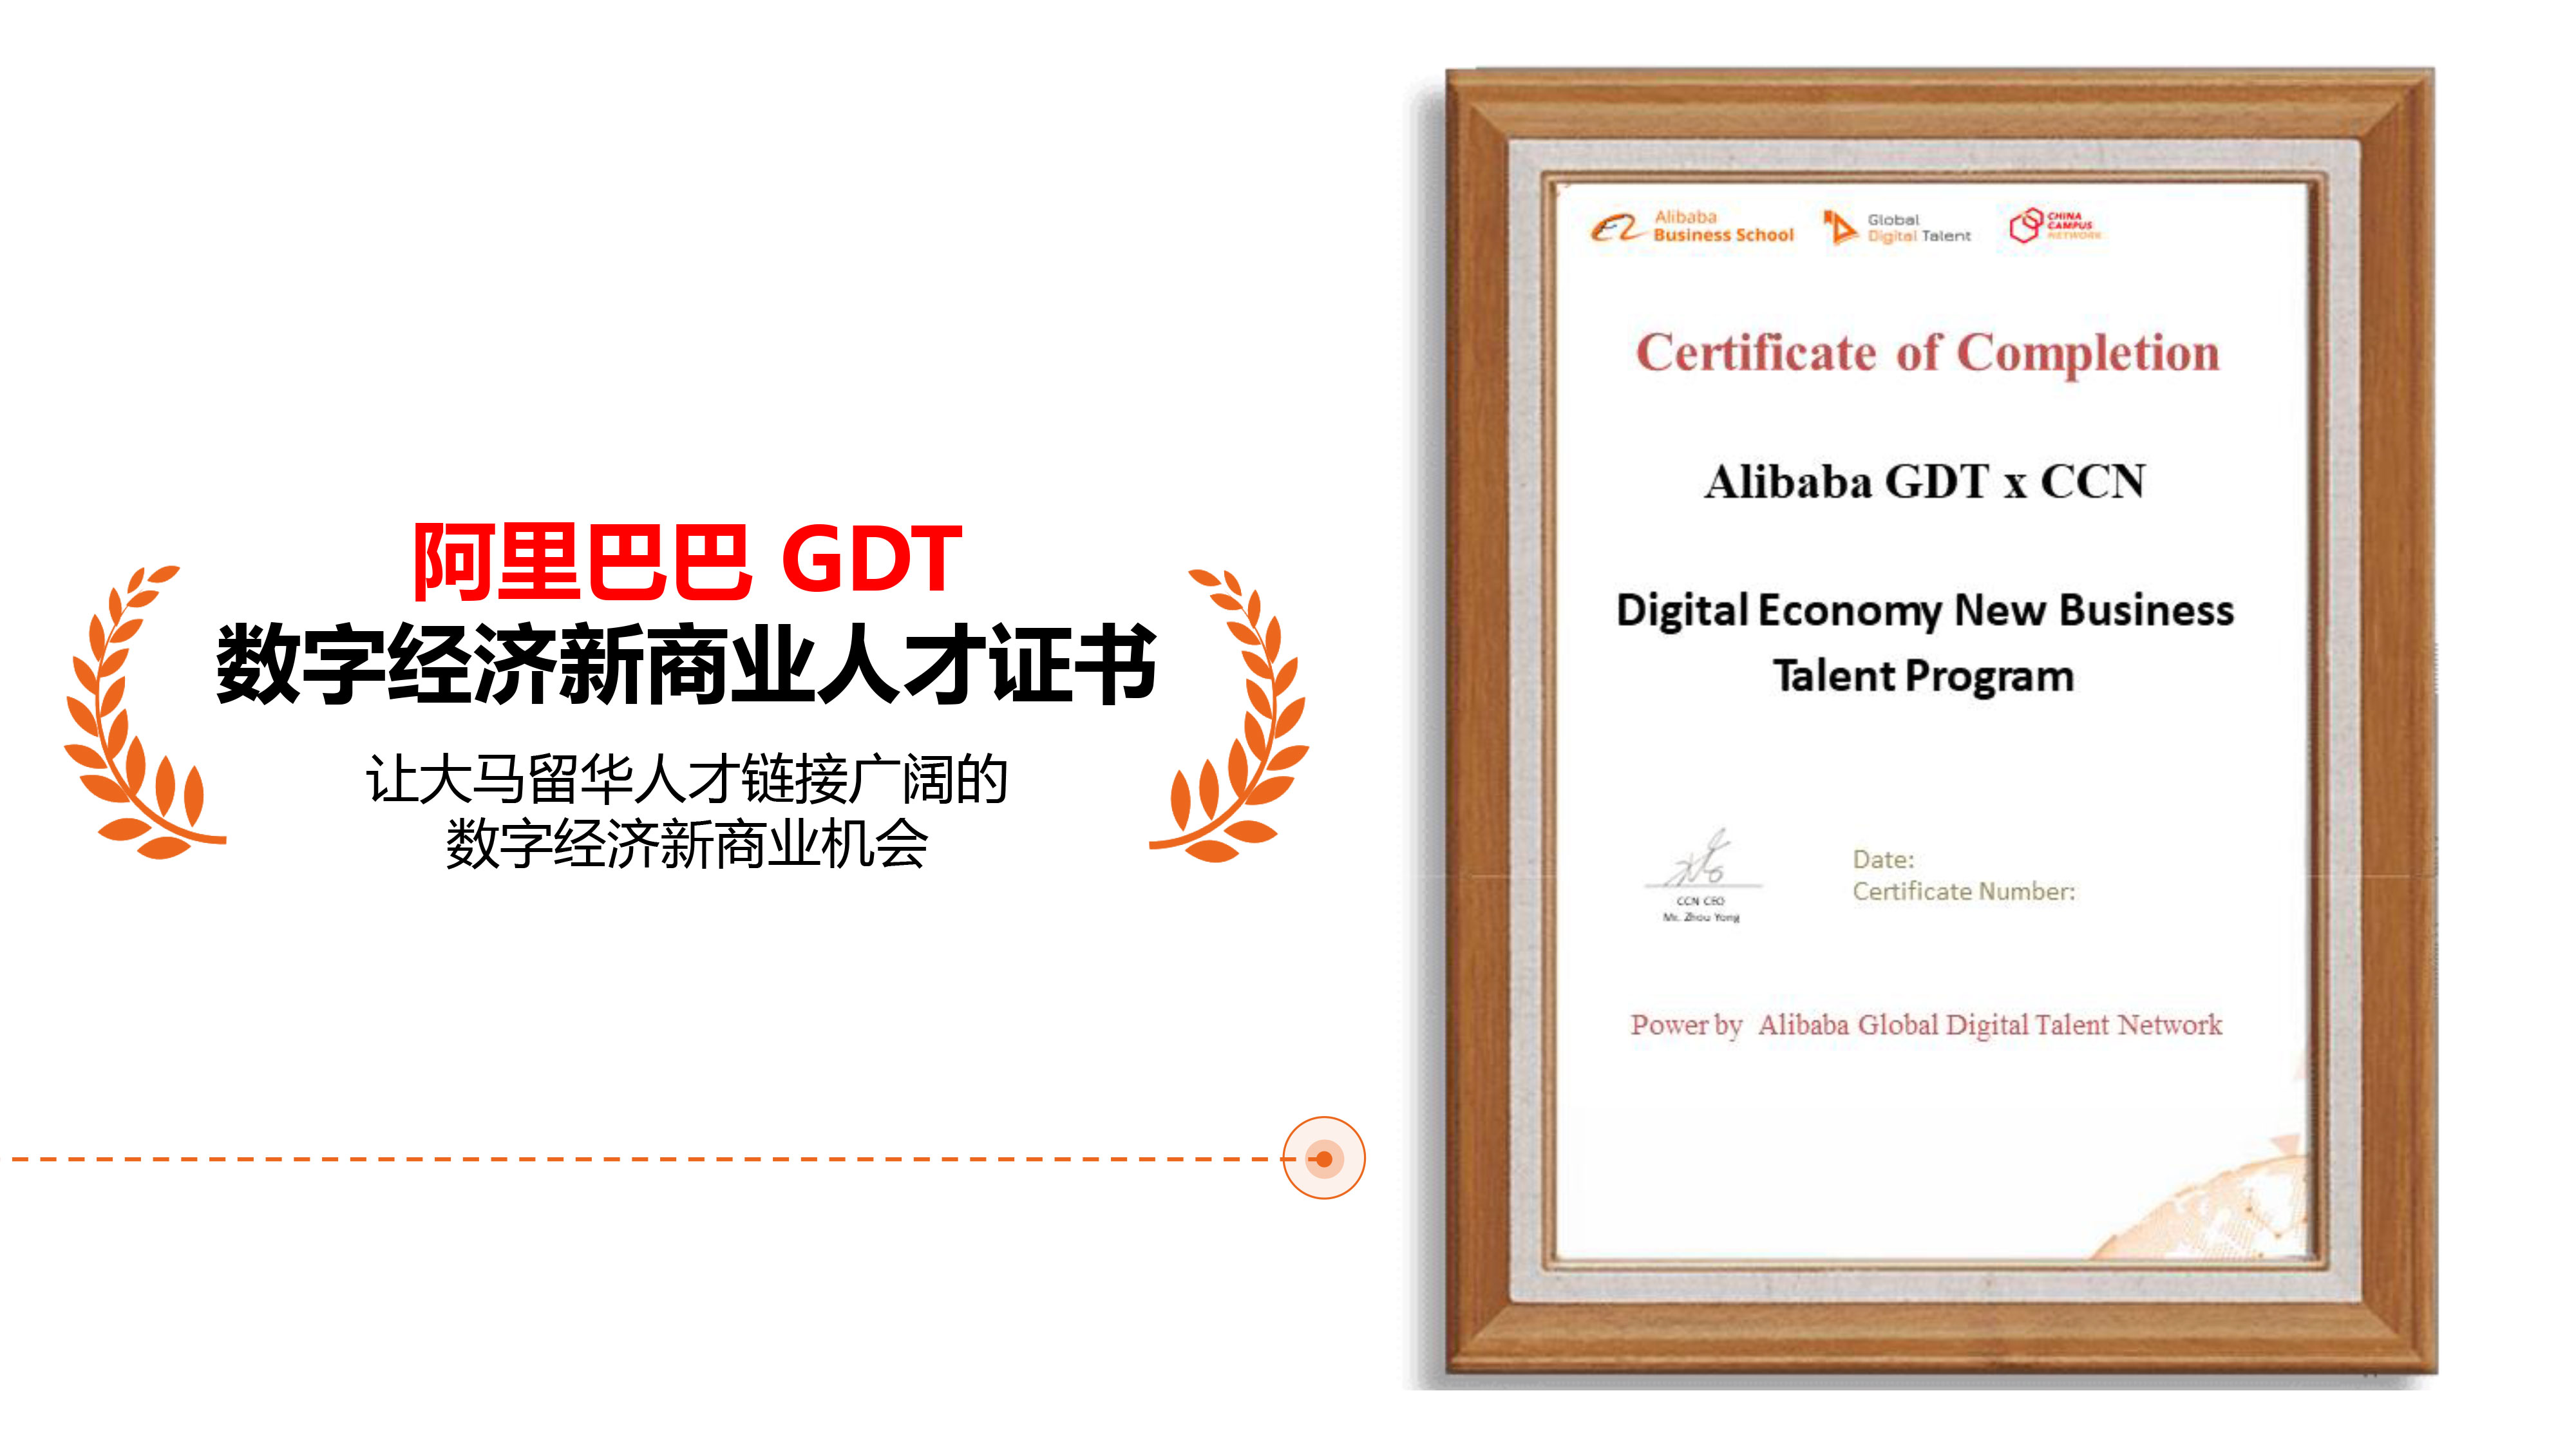 阿里巴巴, 创业, 全球数字经济教育联盟, 全球数字人才教育联盟, 全球电商教育联盟, 数字英才, 数字人才, 数字化, 转型, 课程, 数字经济, 新商业, 短期证书, Alibaba, eCommerce, Digital Economy, Talent, Programme, Alibaba GET, Alibaba GDT, New Business Talent, Certificate, China Opportunity